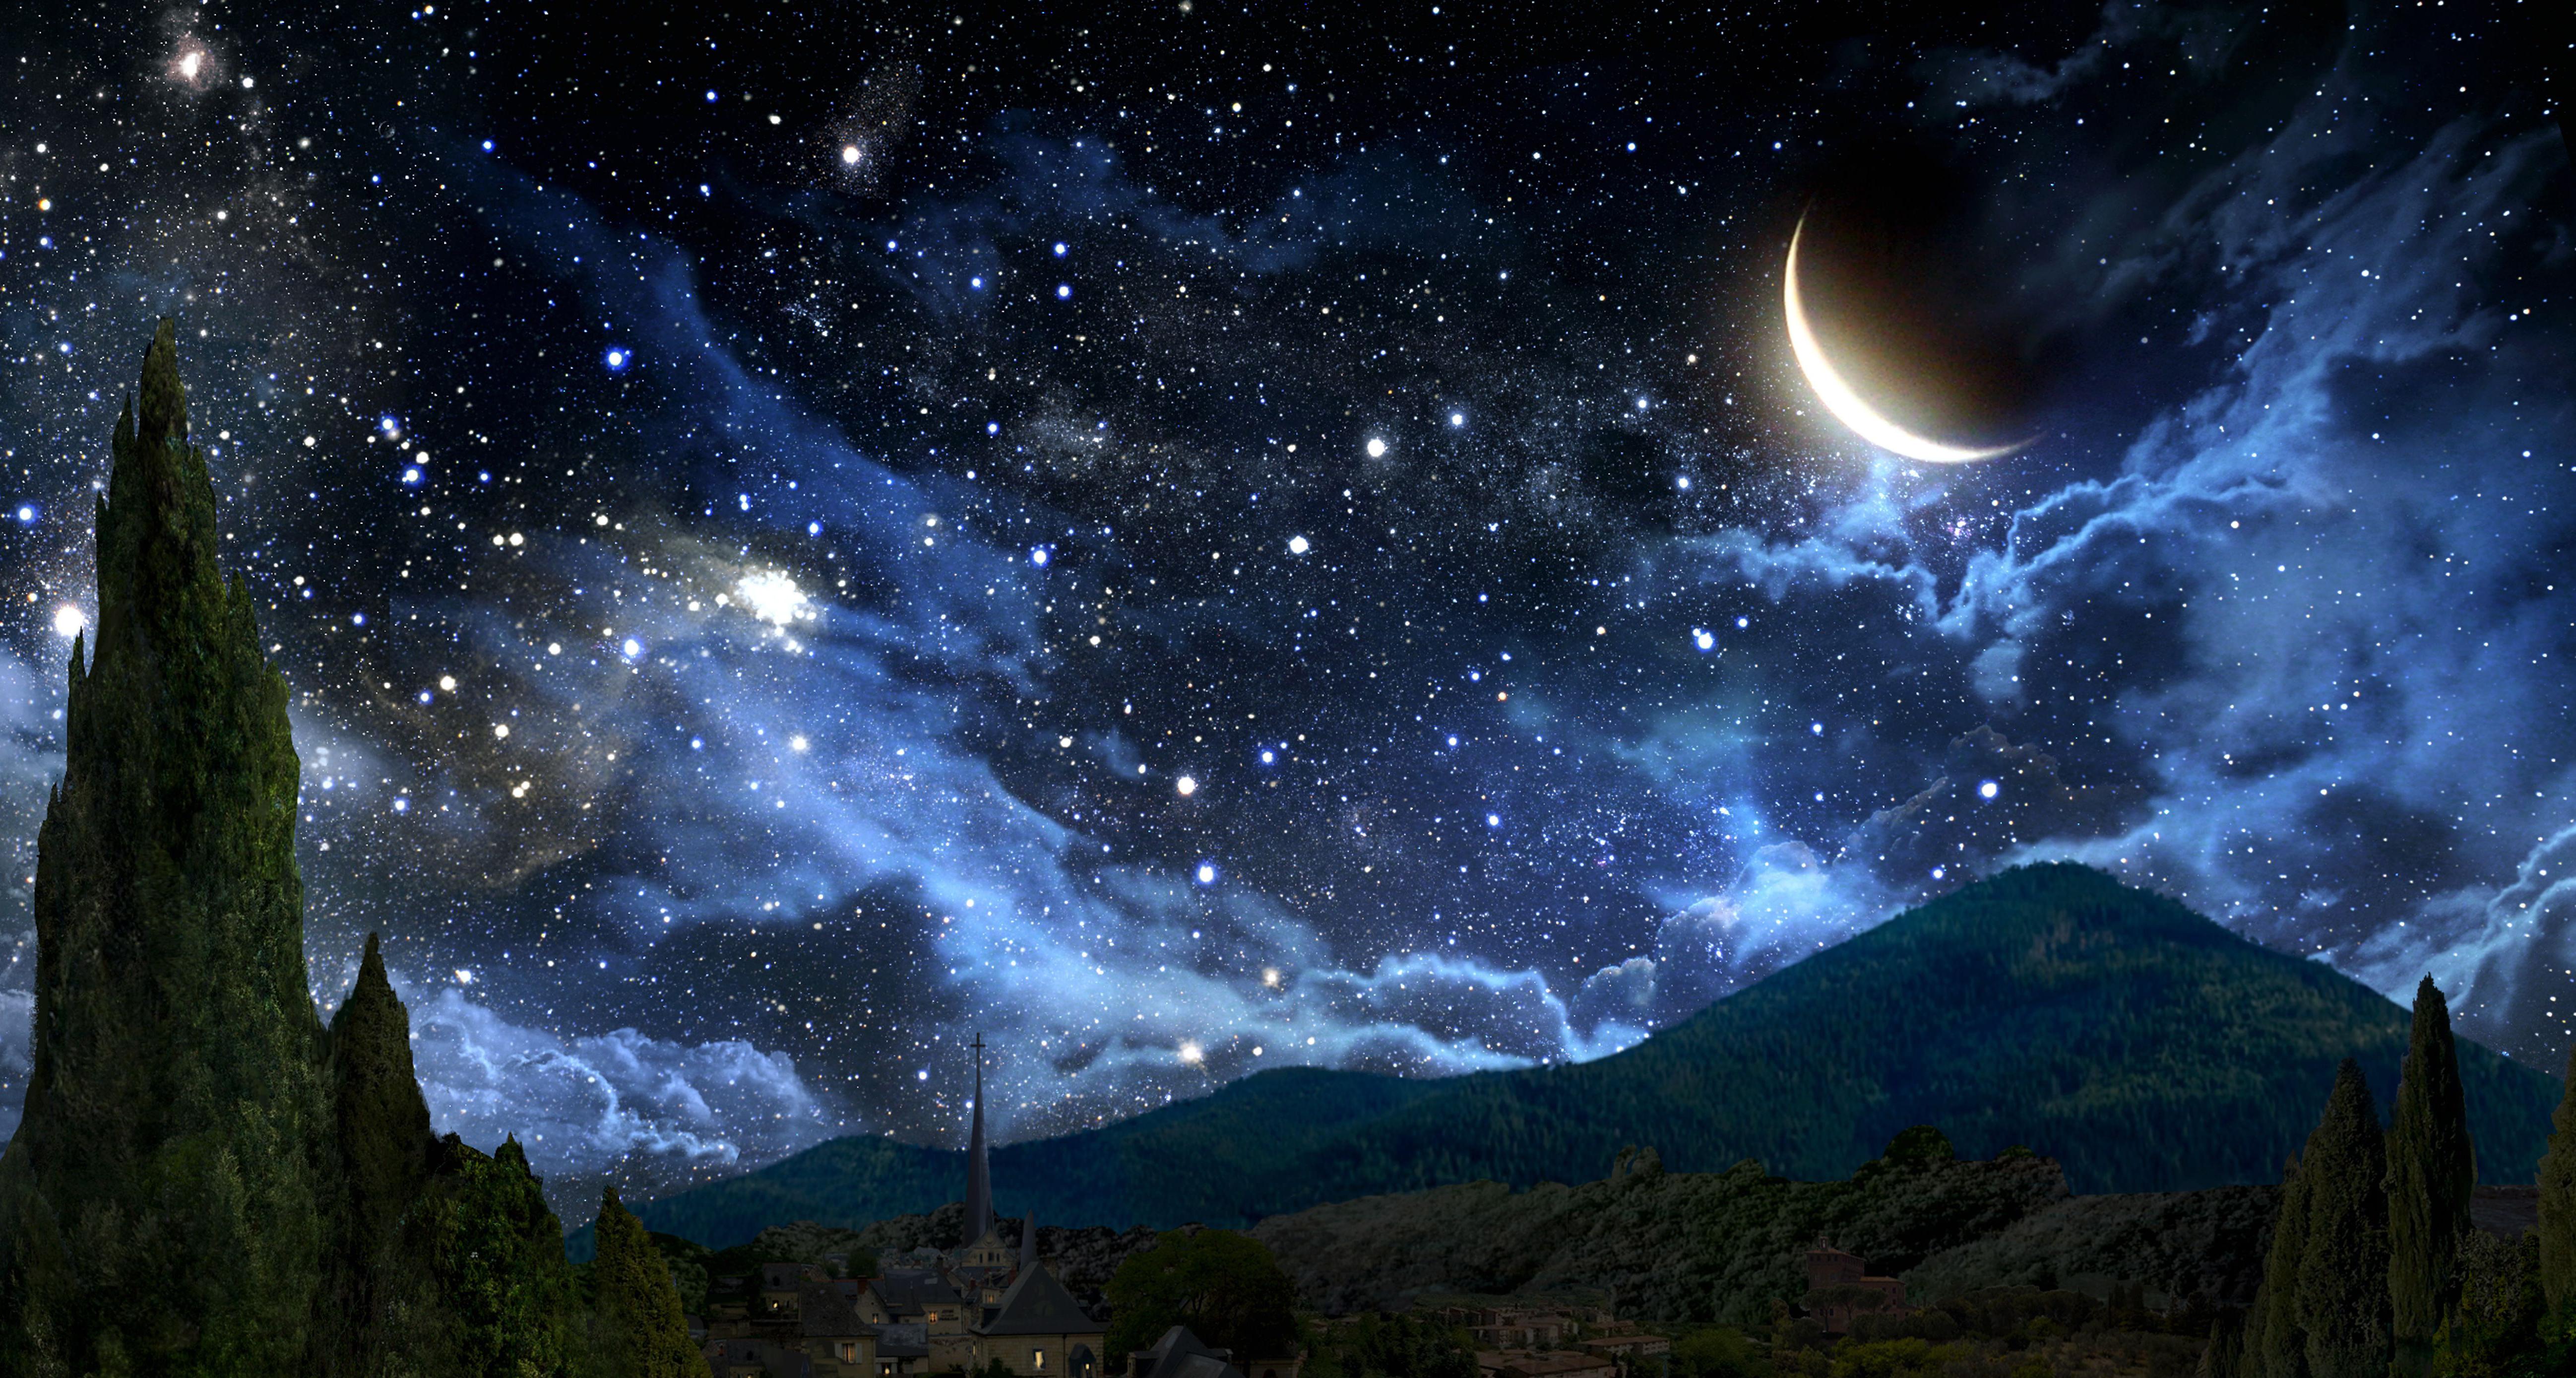 La Historia del Caballero de la Luz Pintor-cielo-de-noche-paisaje-mes-estrellas-nubes-sierra-prado-182814